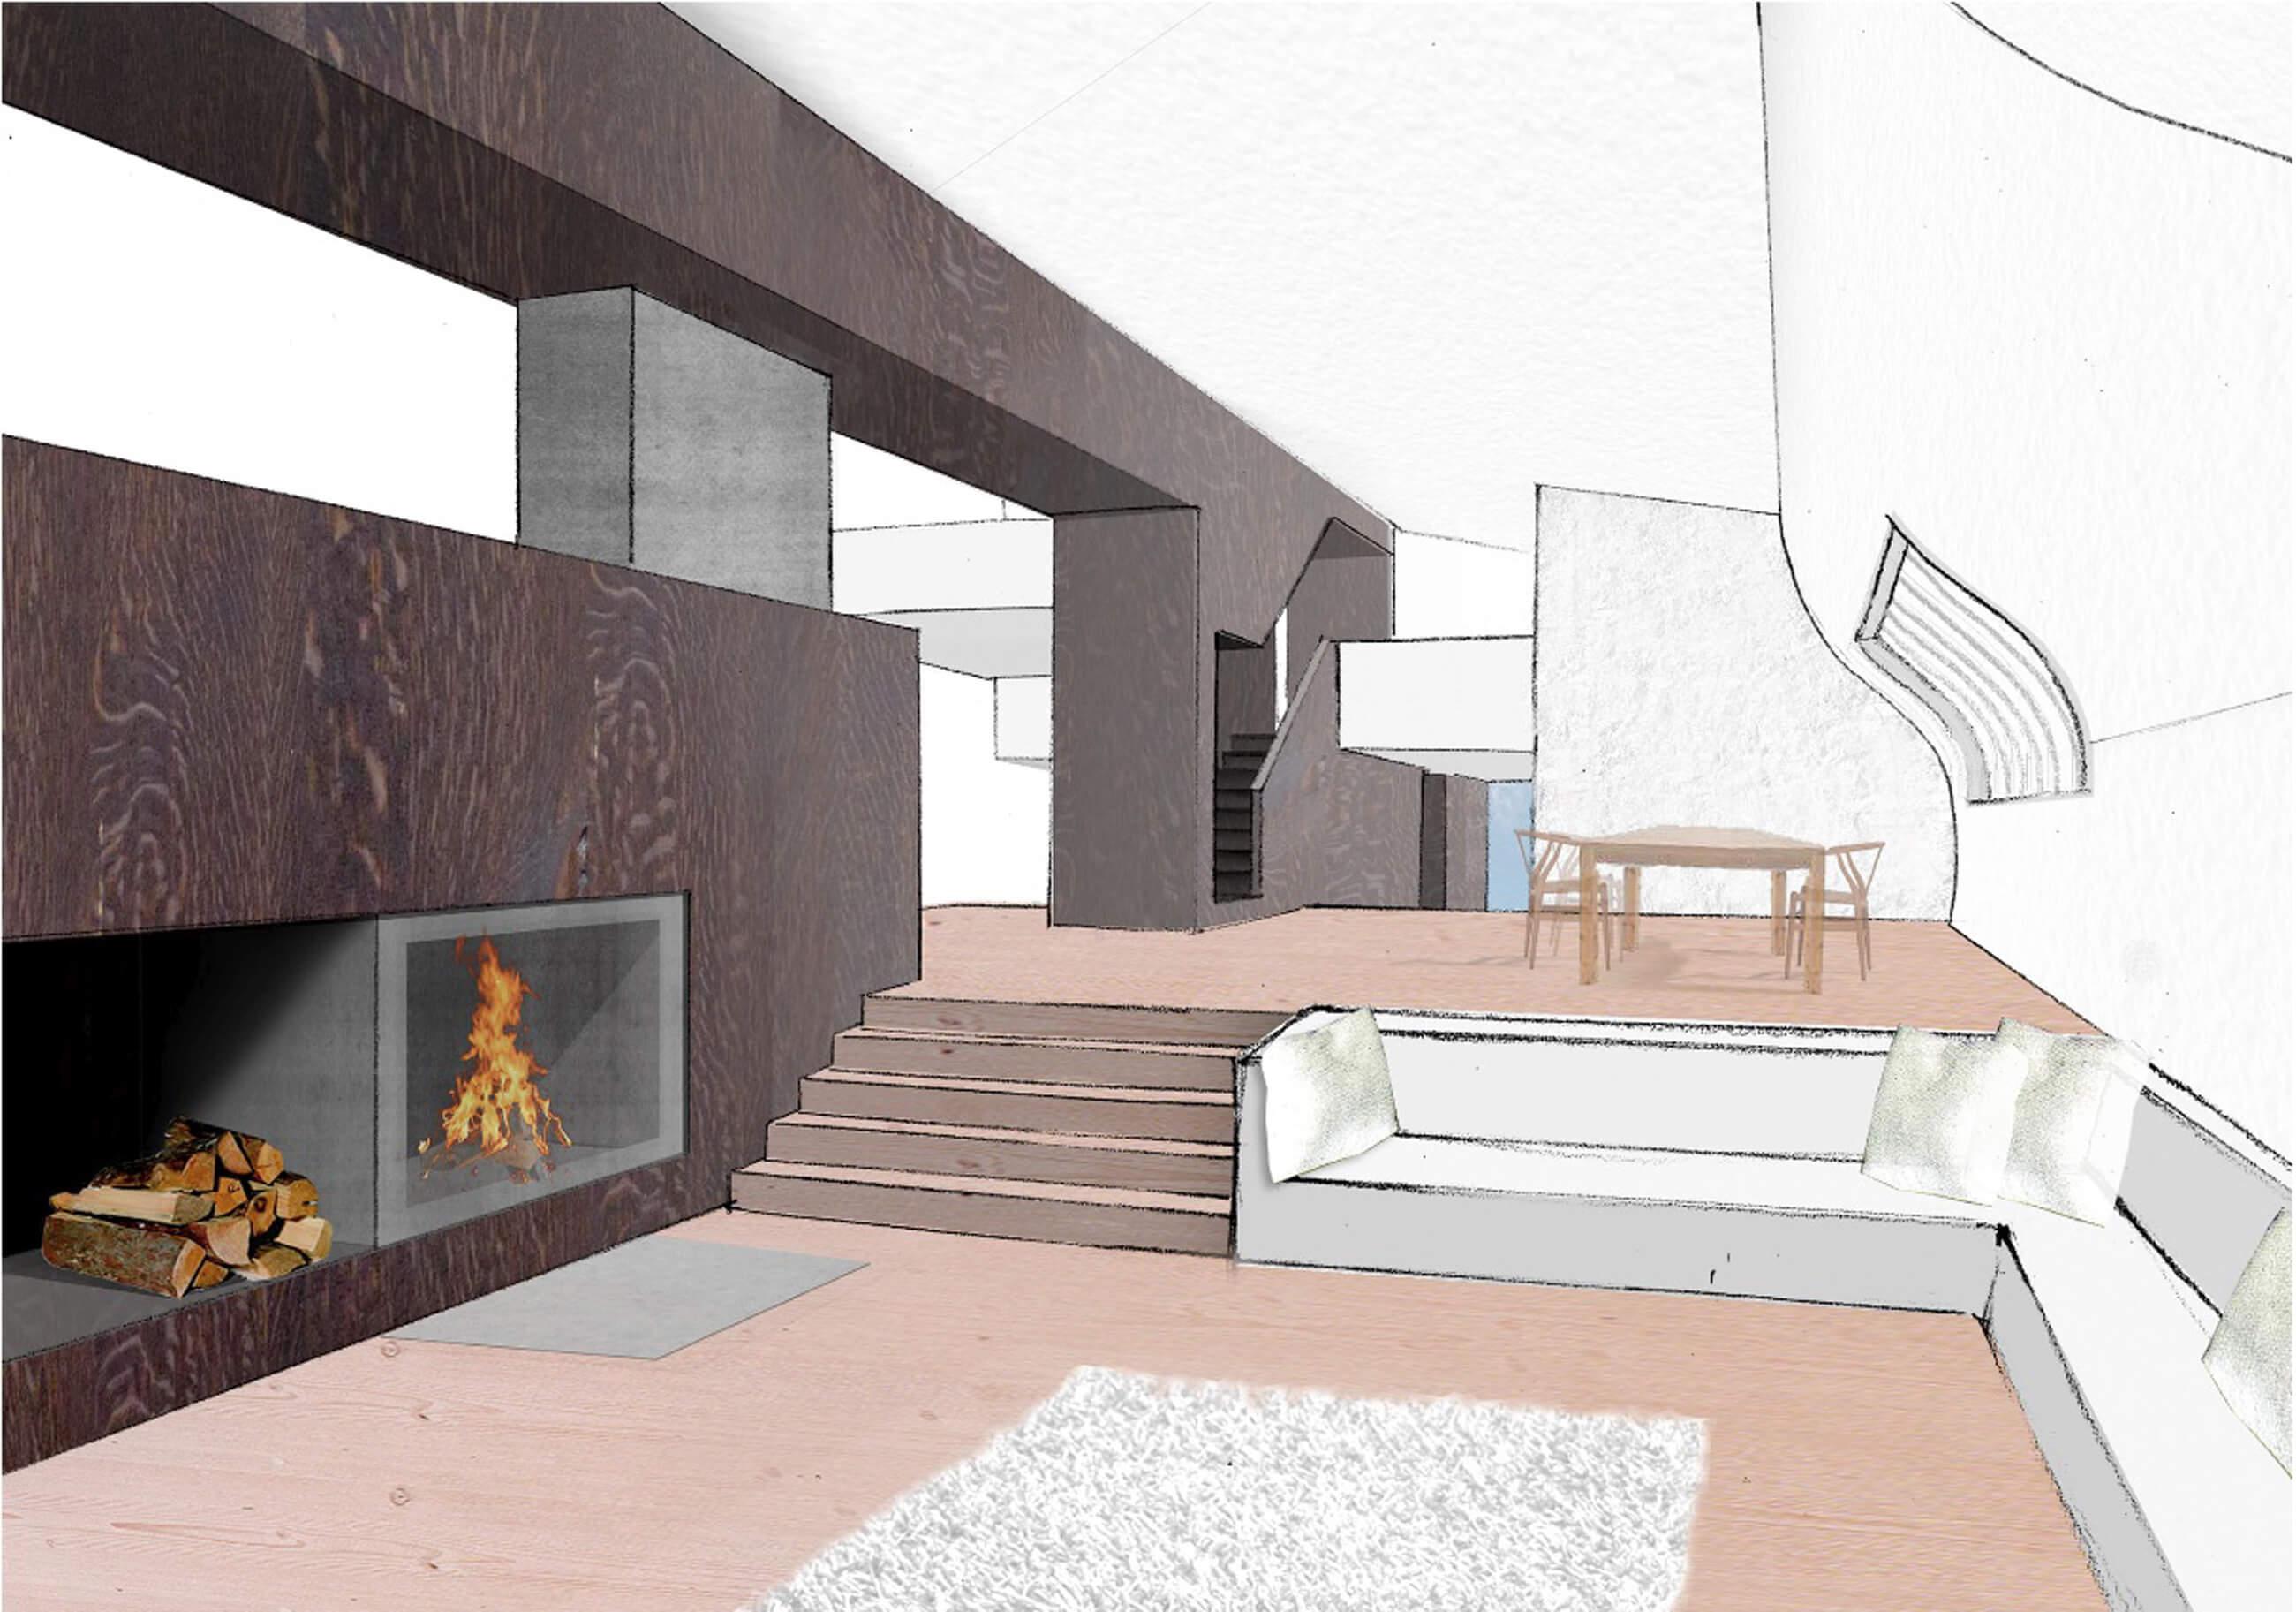 Dachgeschossausbau eines denkmalgesch tzten palais - Meck architekten ...